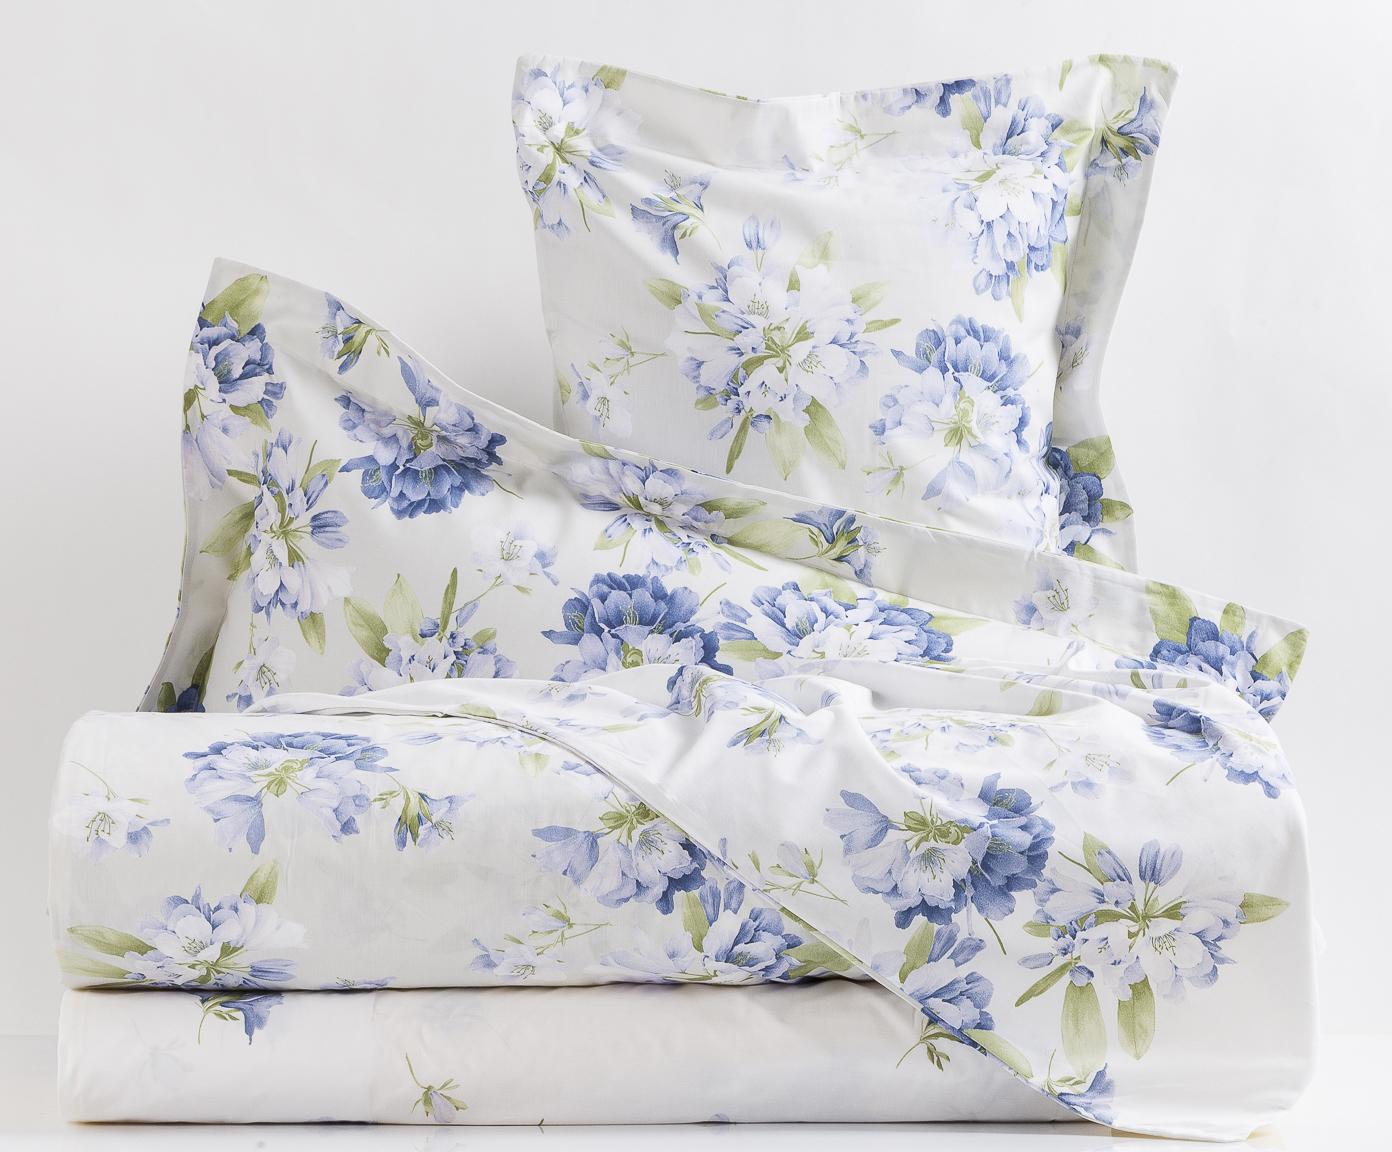 Комплекты постельного белья Постельное белье семейное Mirabello Rododendri с голубыми цветами elitnoe-postelnoe-belie-rododendri-s-golubymi-tsvetami-ot-mirabello.jpg